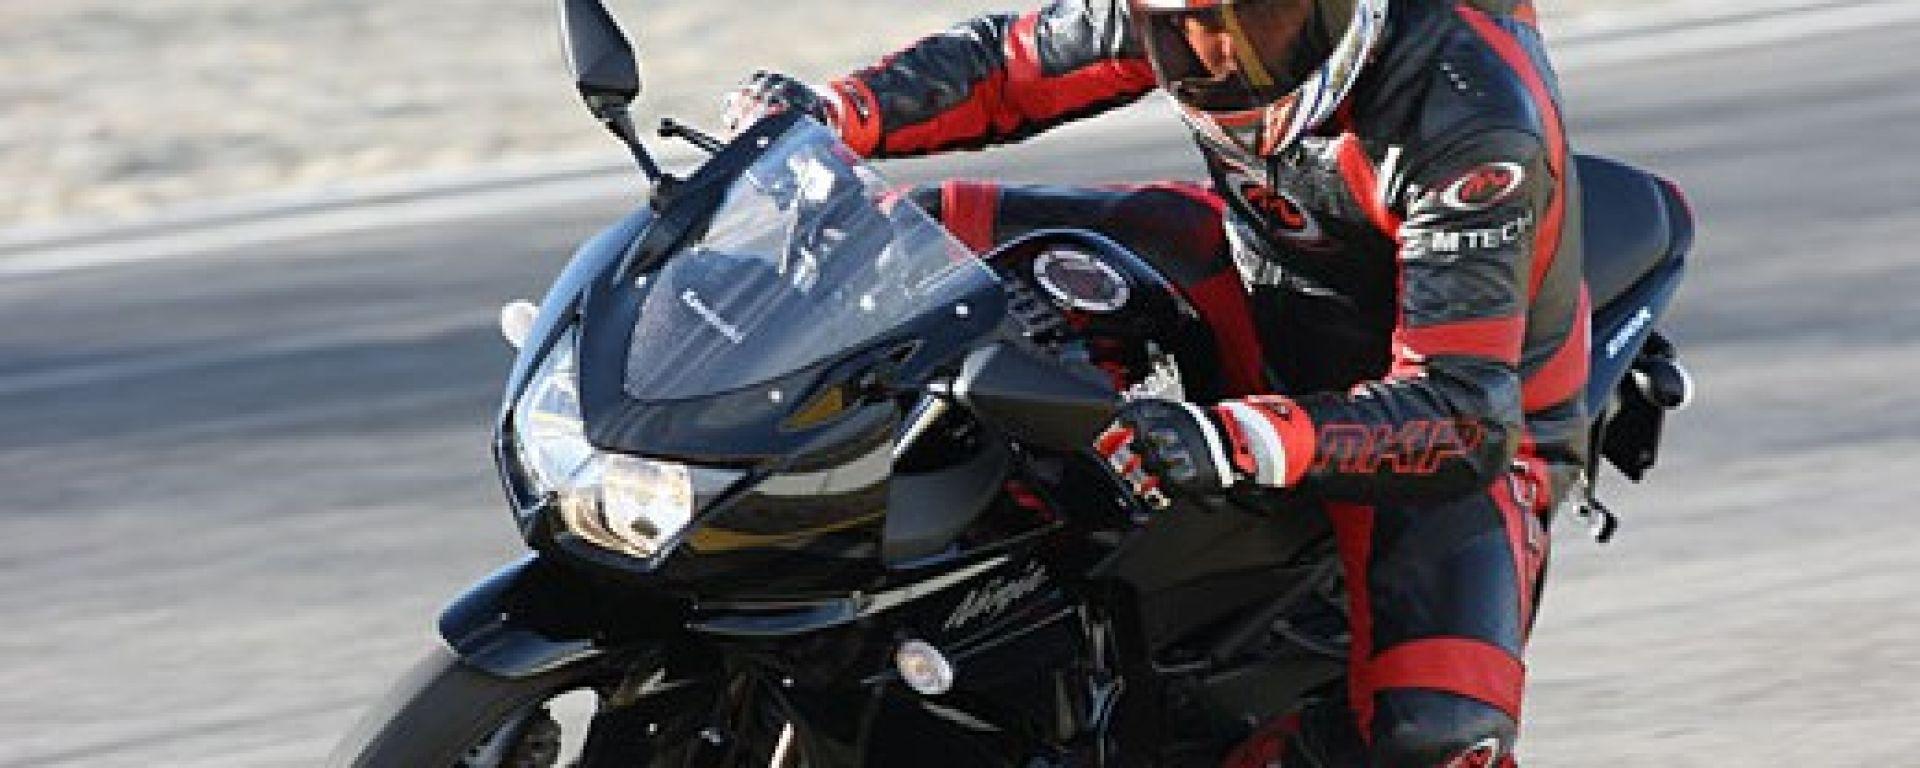 Kawasaki Ninja 250 Trophy